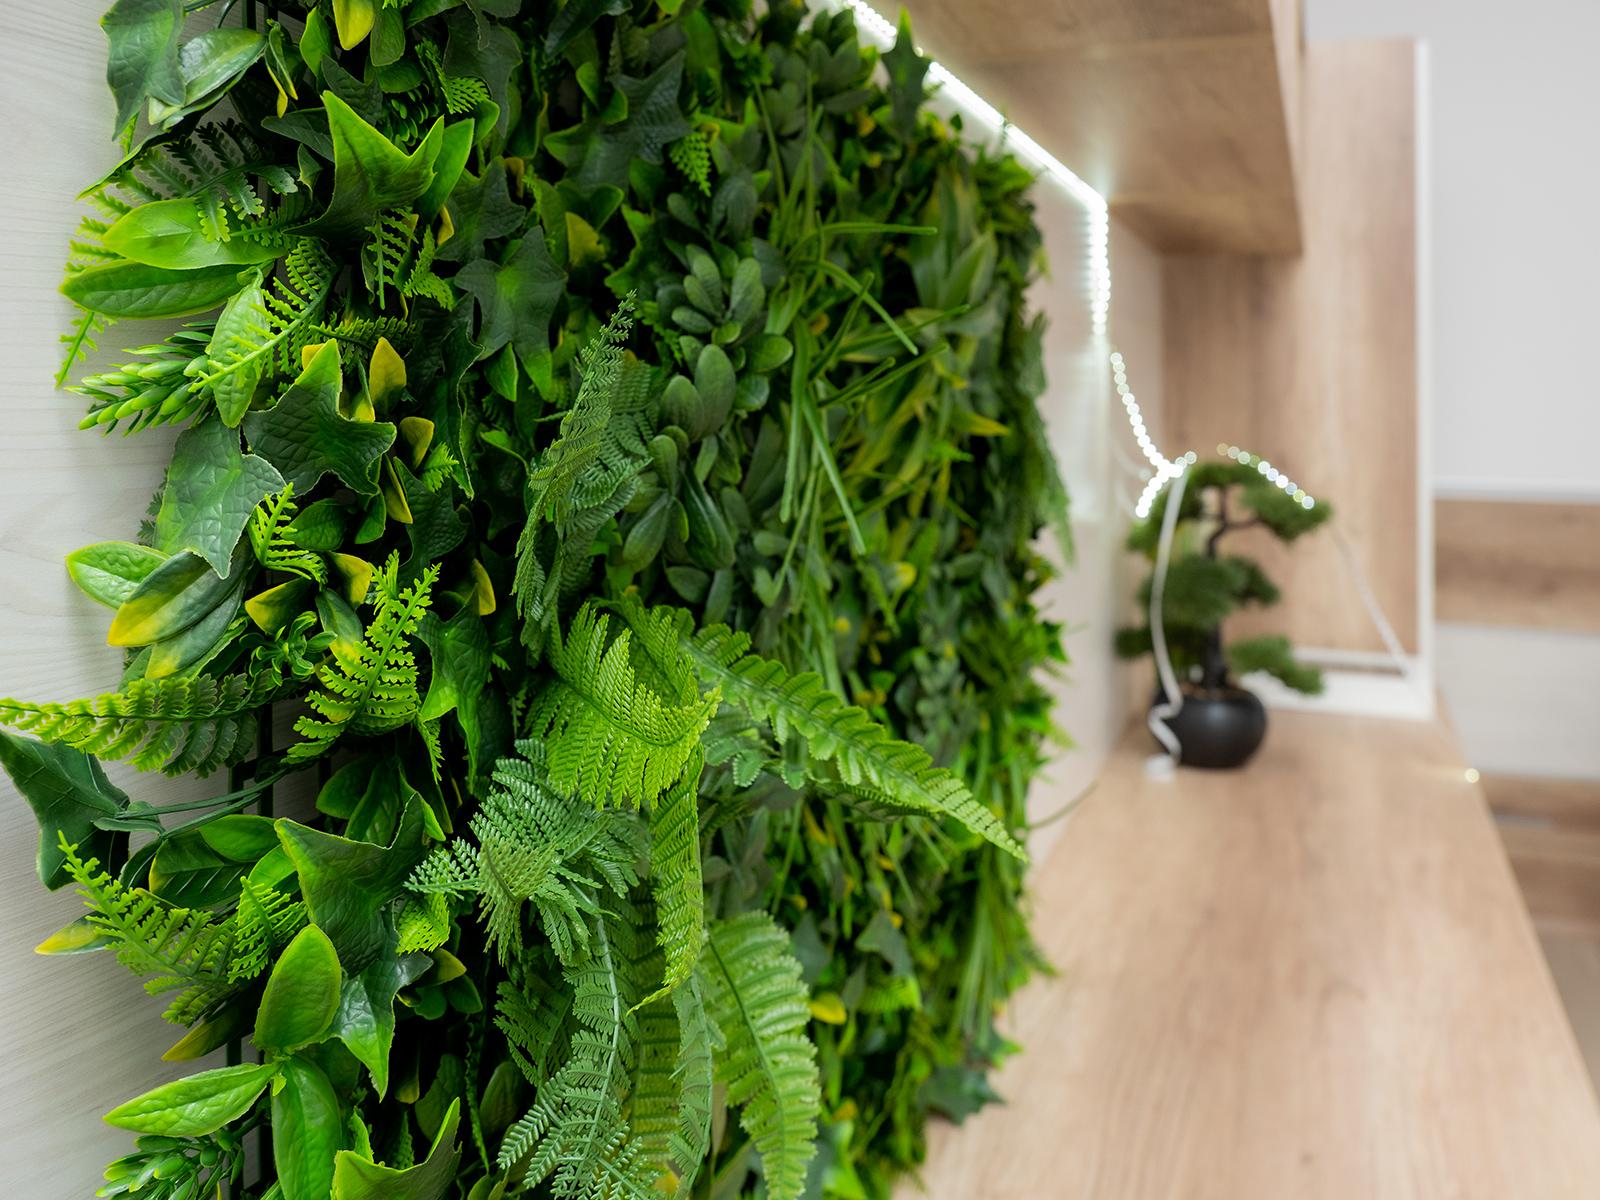 Gondozást nem igénylő, természetes hatású műlevelek és műnövények díszítik a Vertical termékcsaládot.